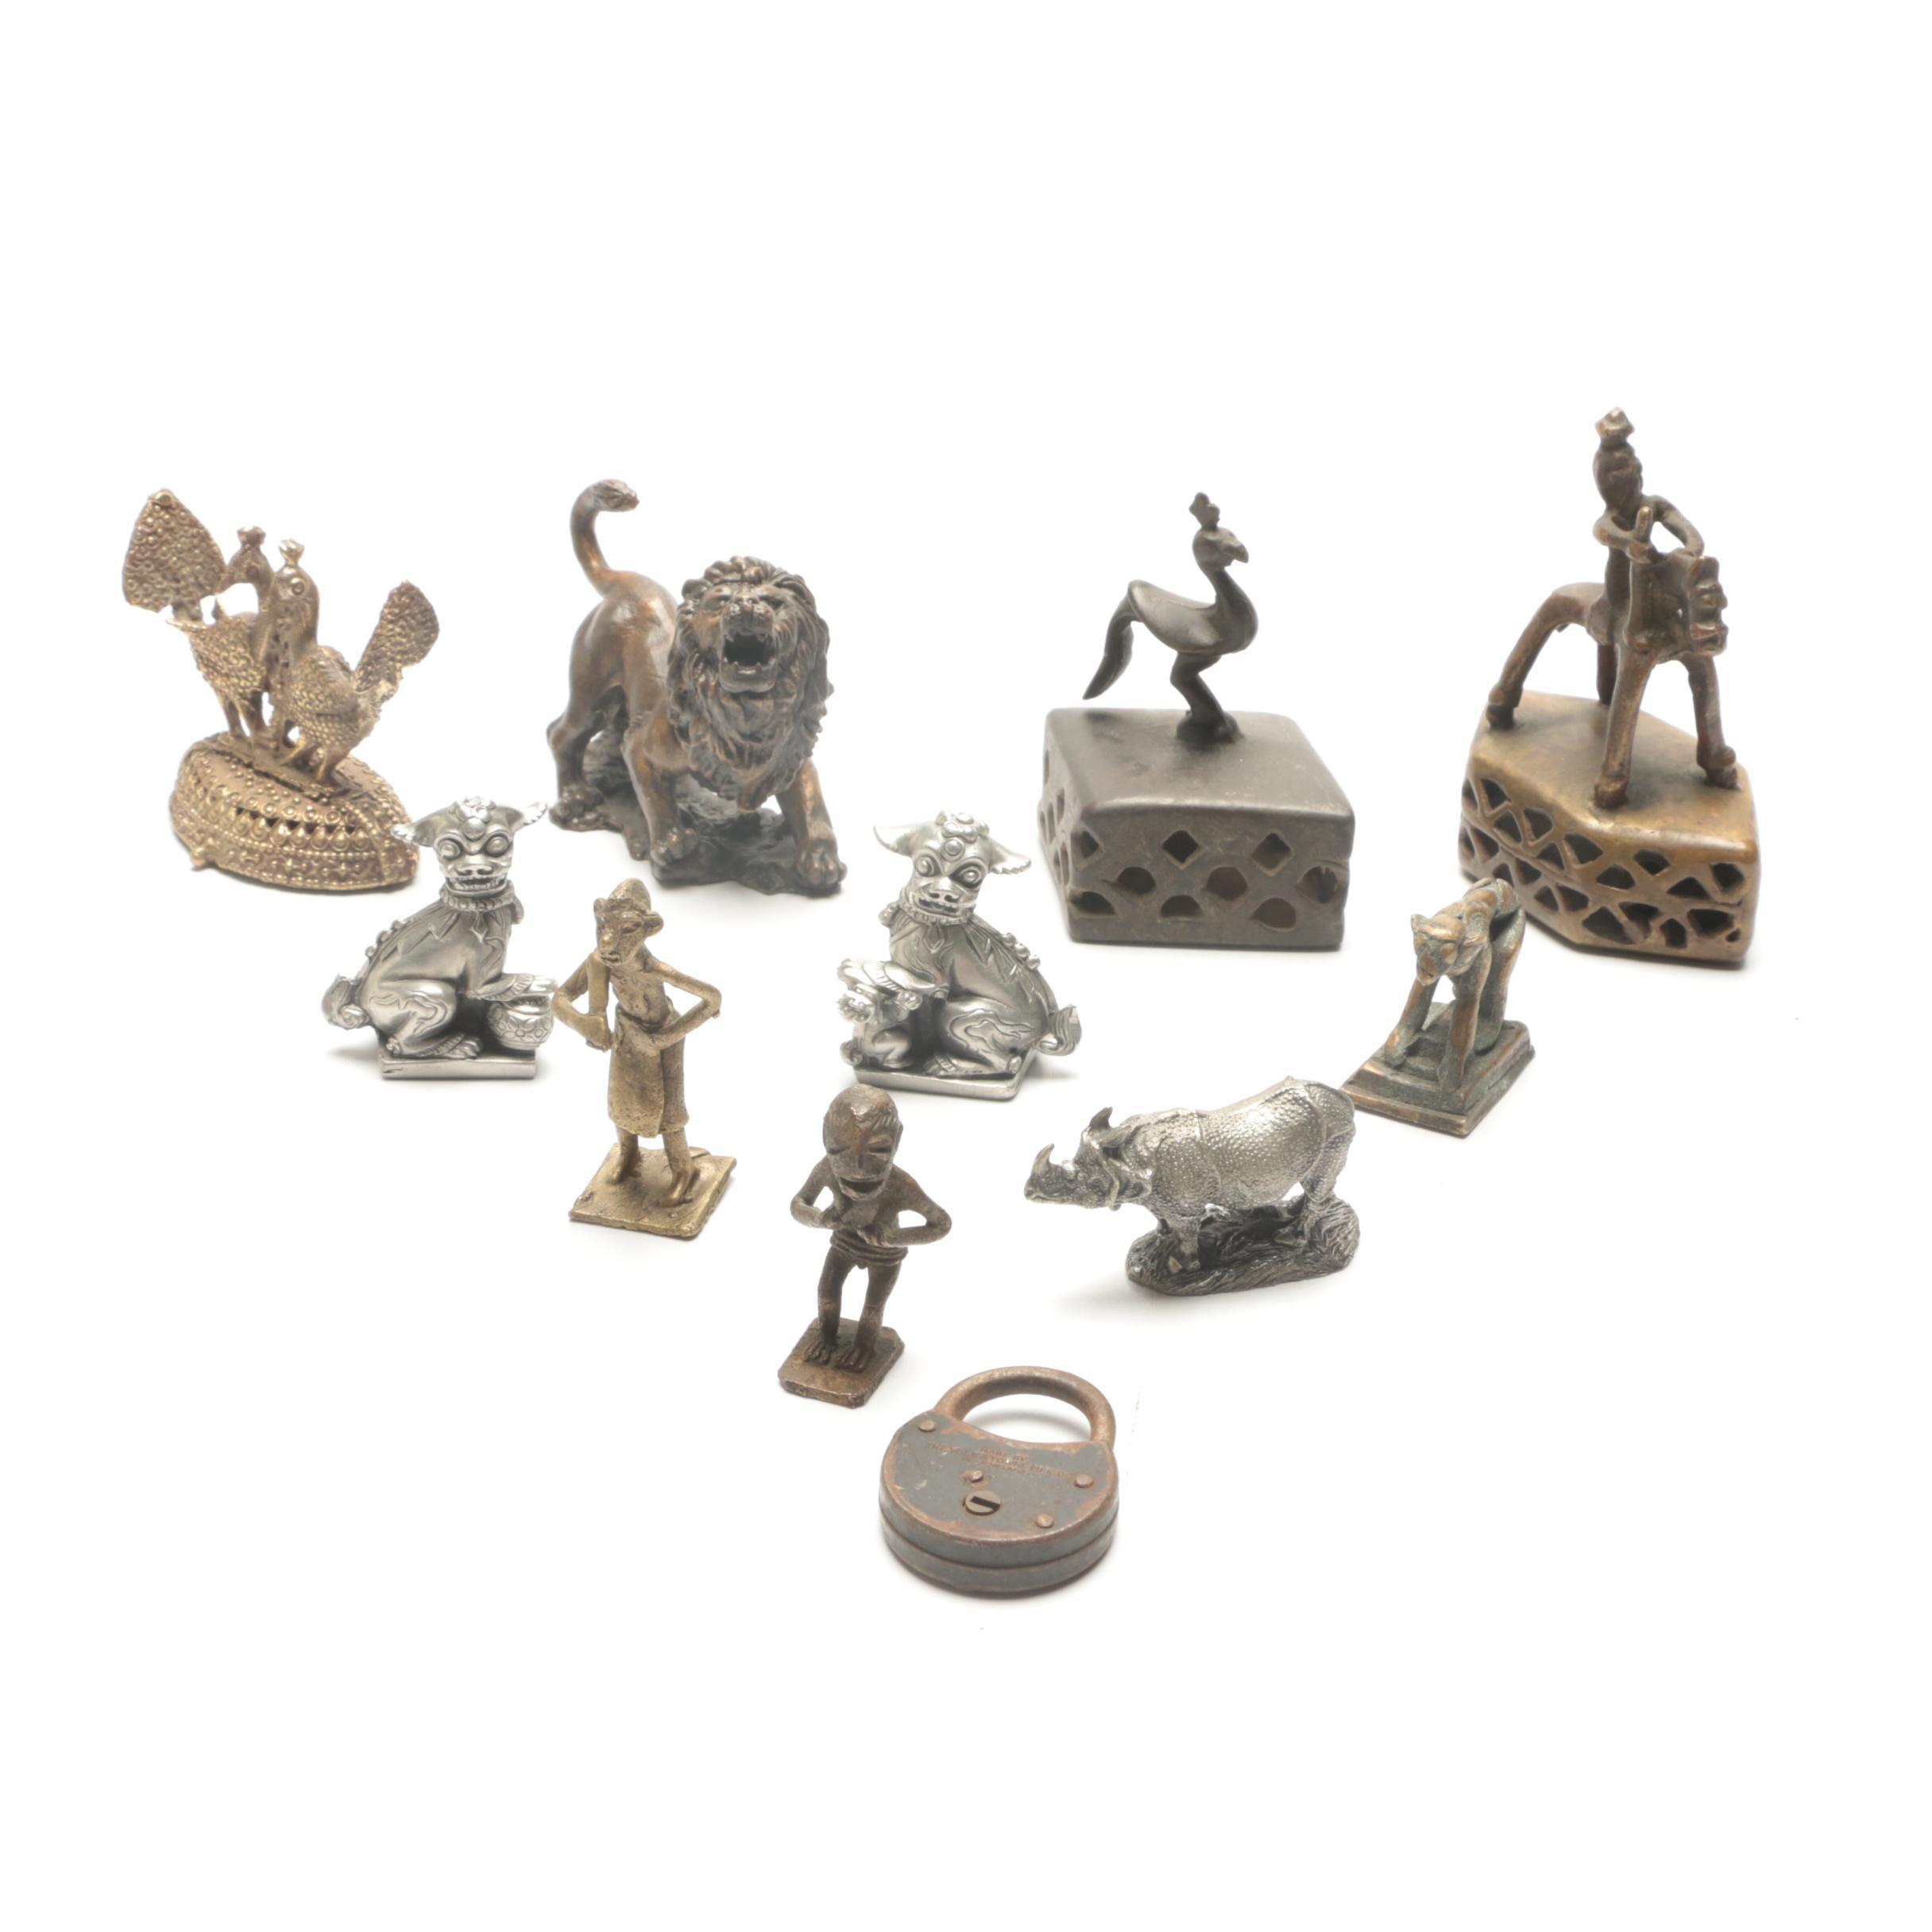 Assortment of Metal Figurines